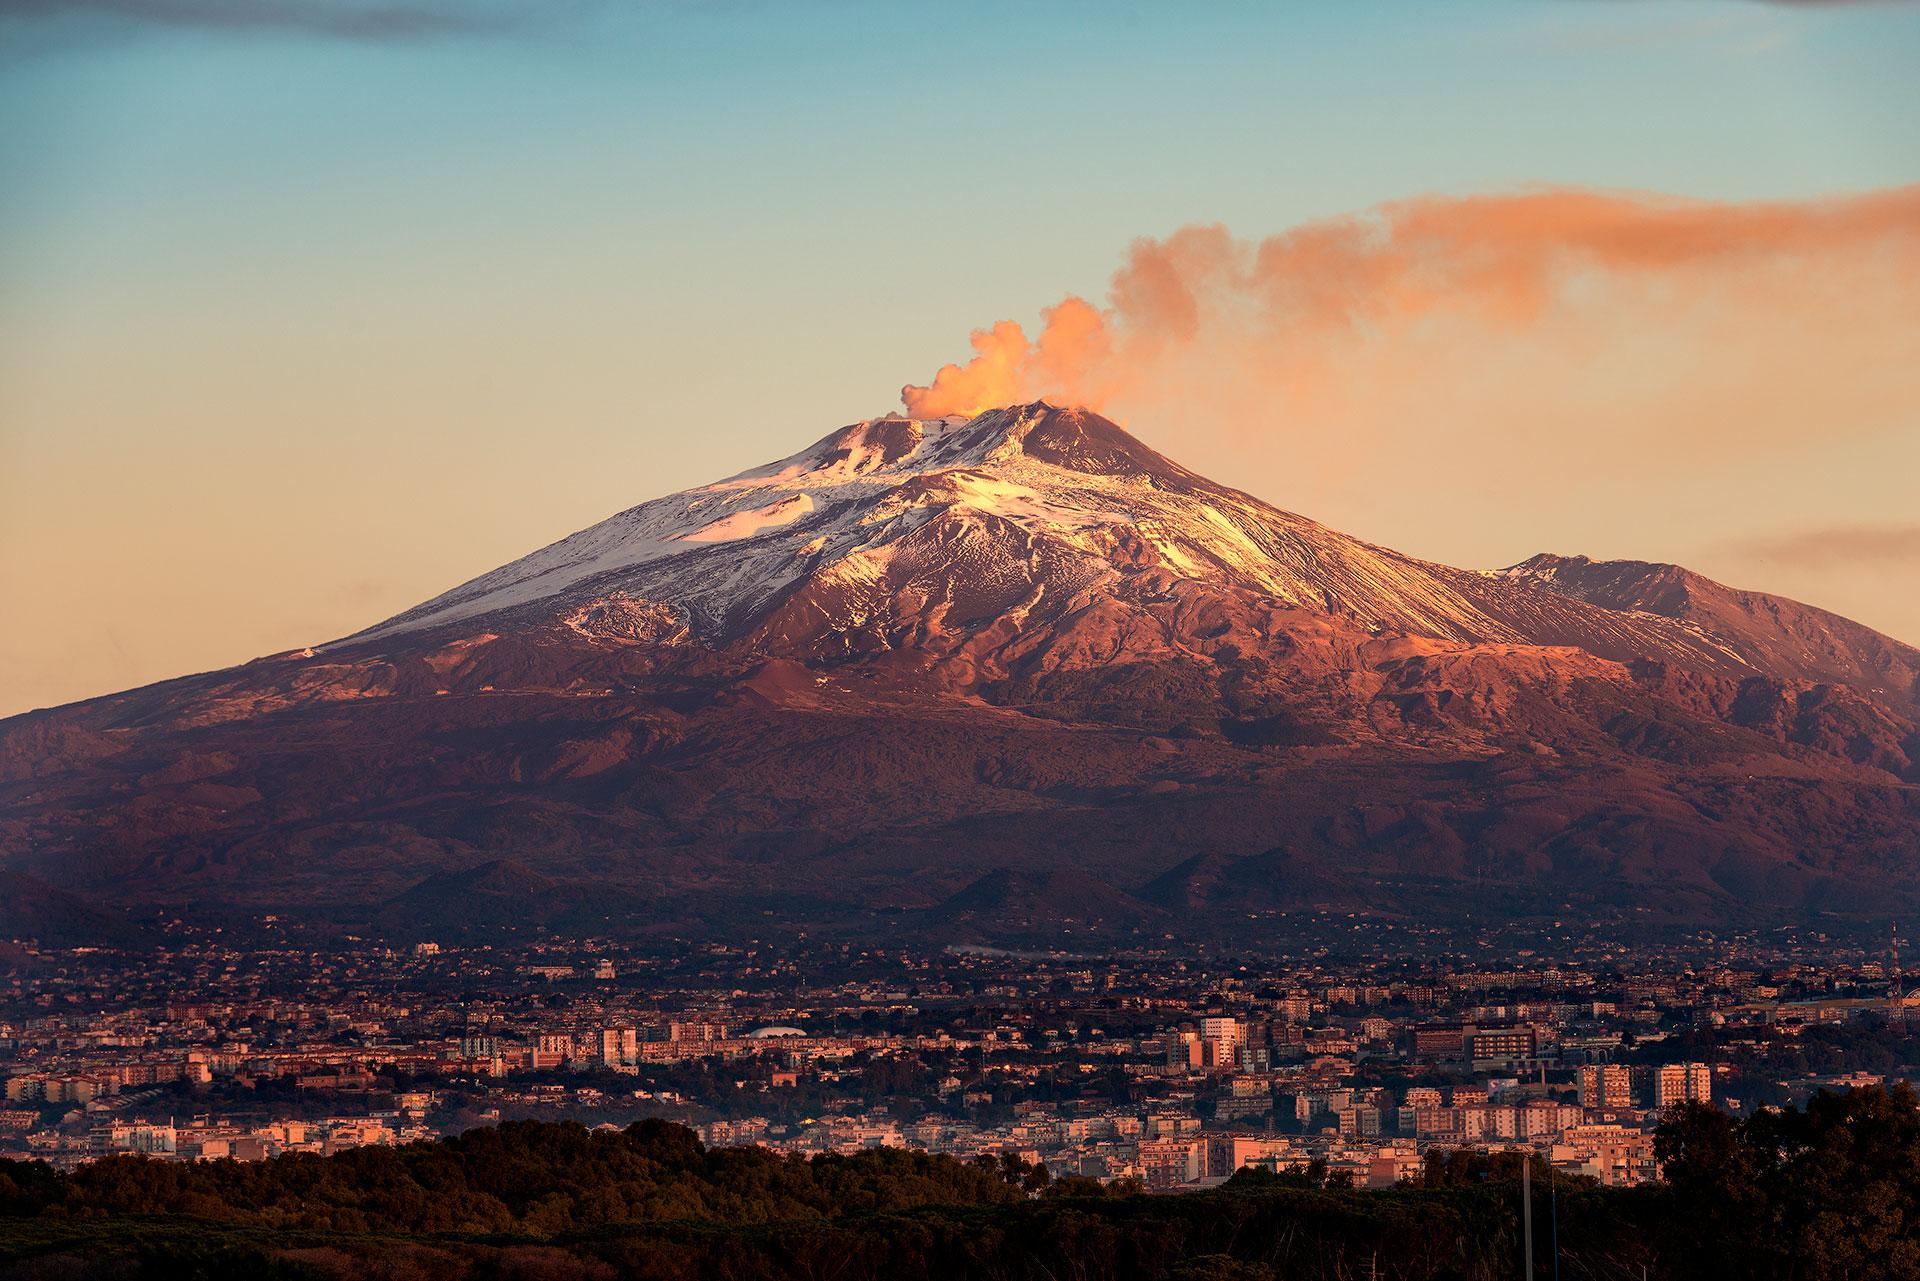 VOLCÁN ETNA - ITALIA: Emplazado en la isla de Sicilia, precisamente en el mar Mediterráneo, en 1669 entró en erupción, llegando a la ciudad de Catania